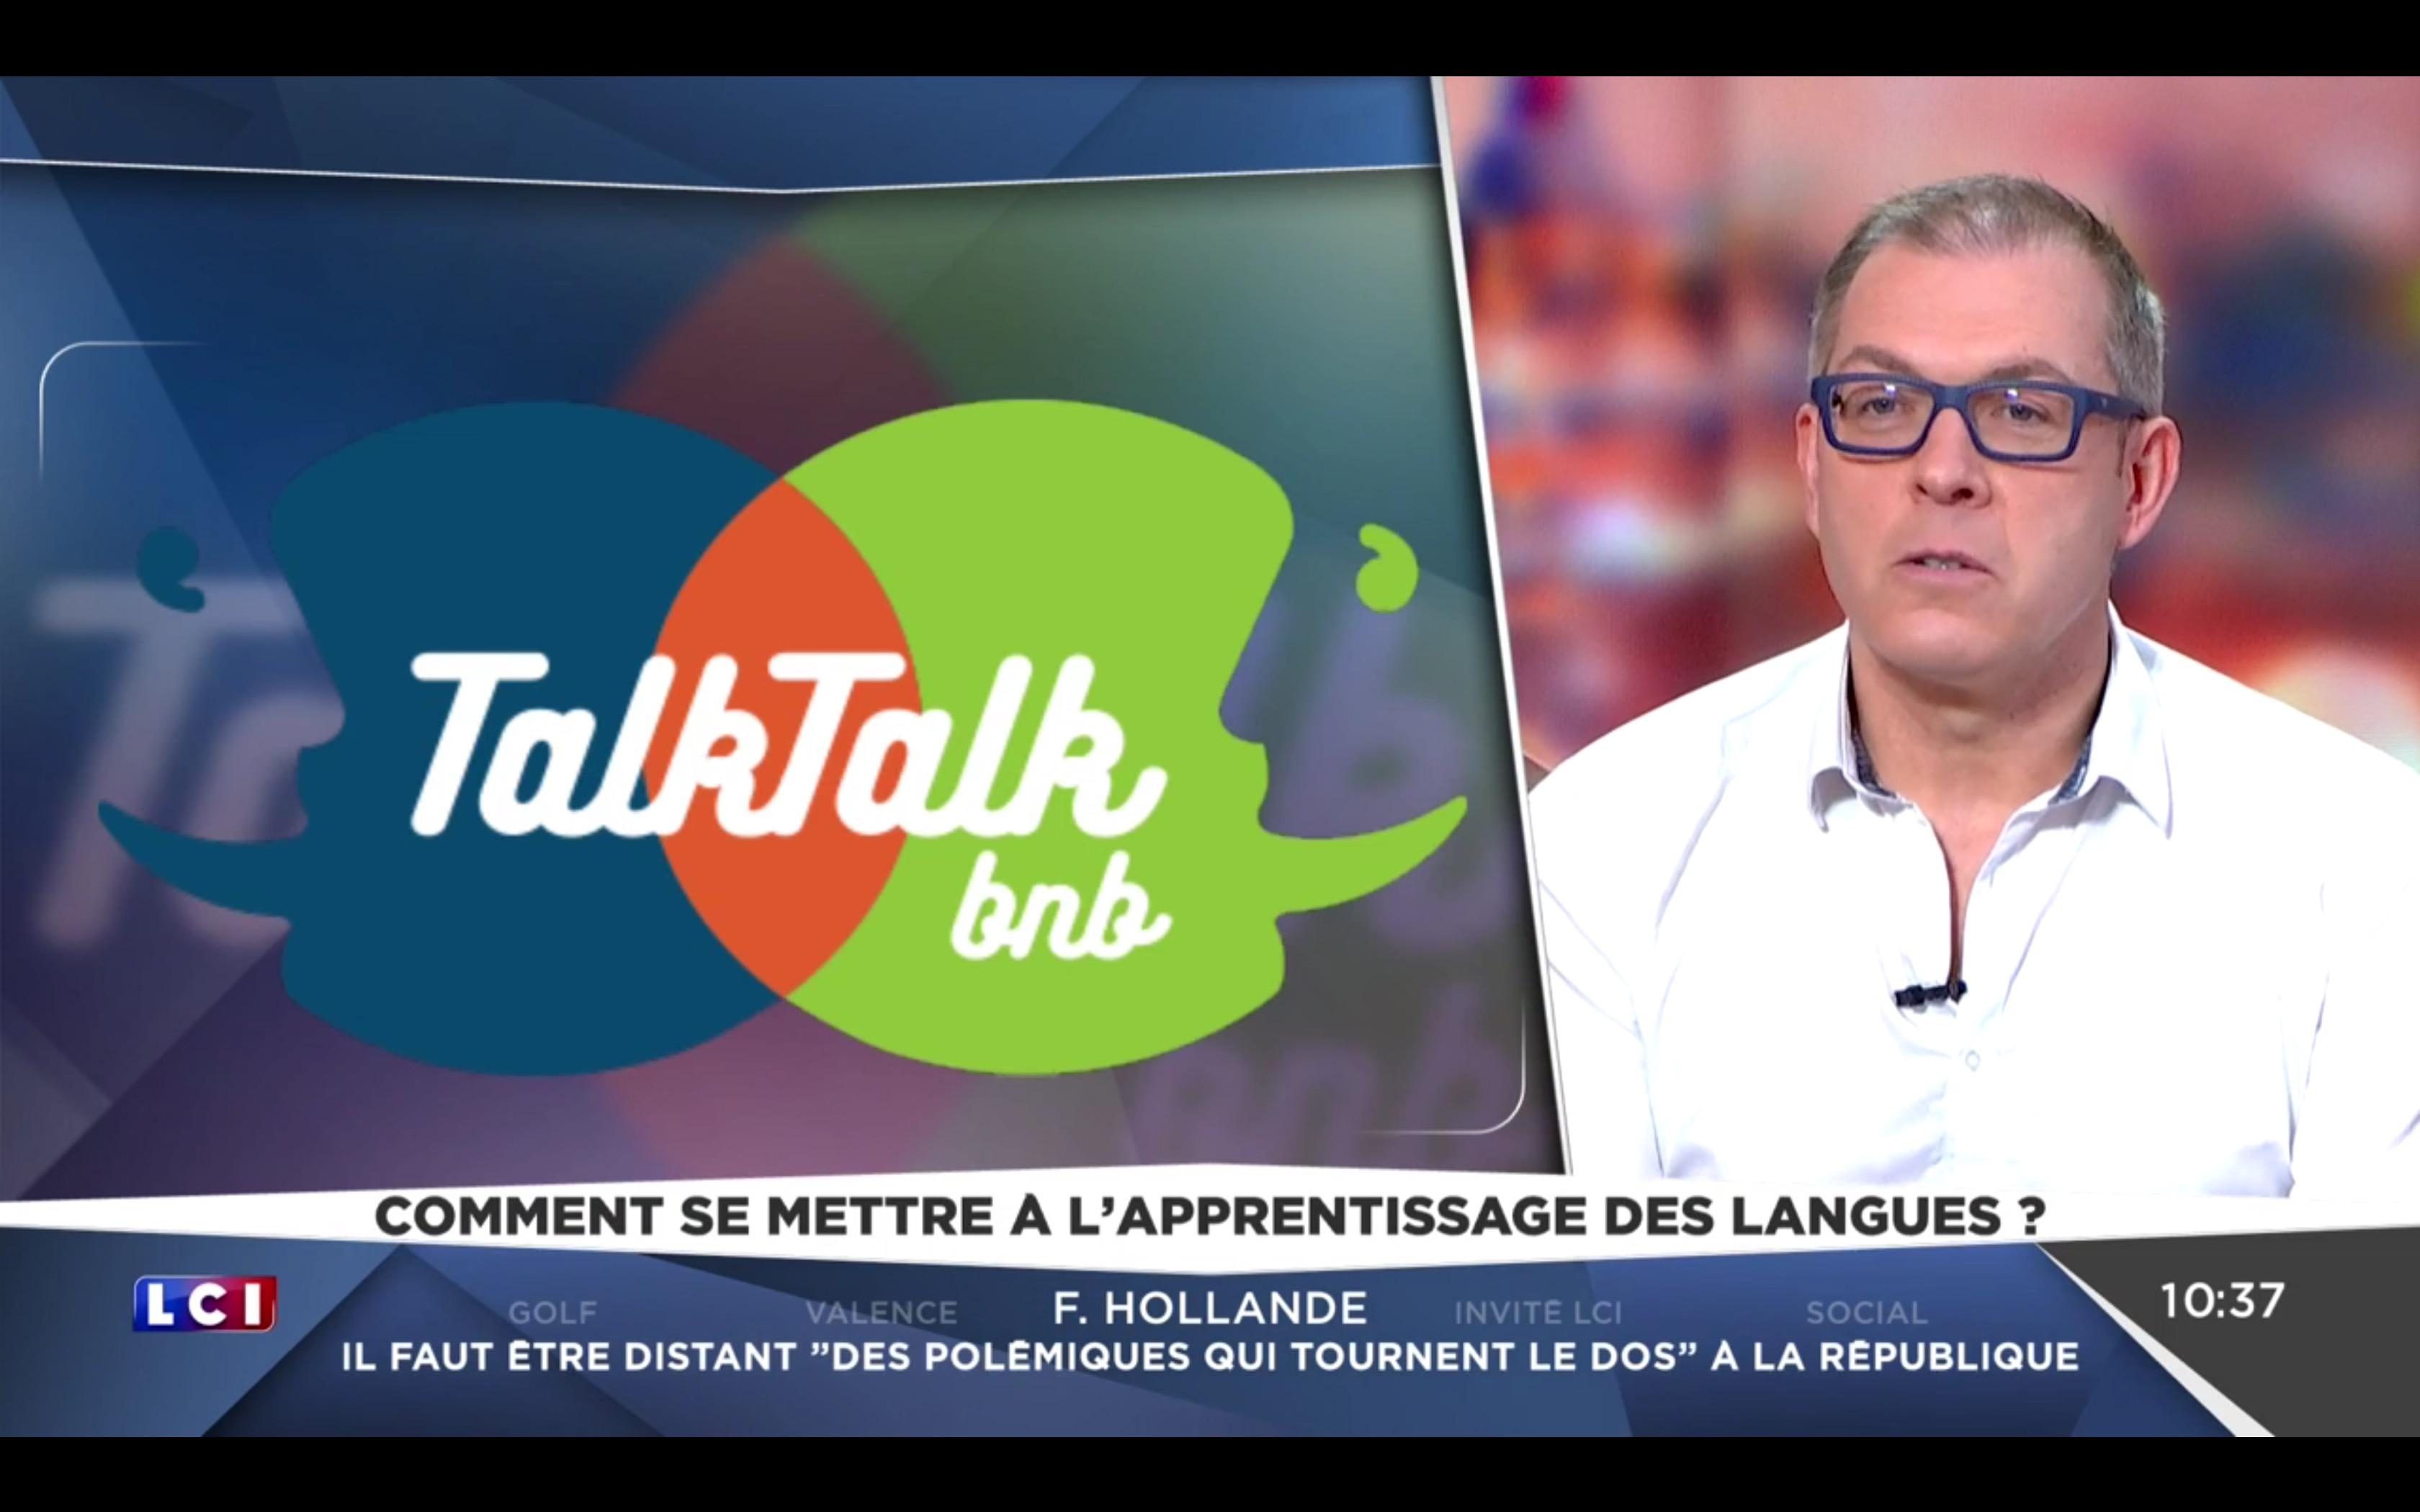 talktalkbnb-lci | agence logo